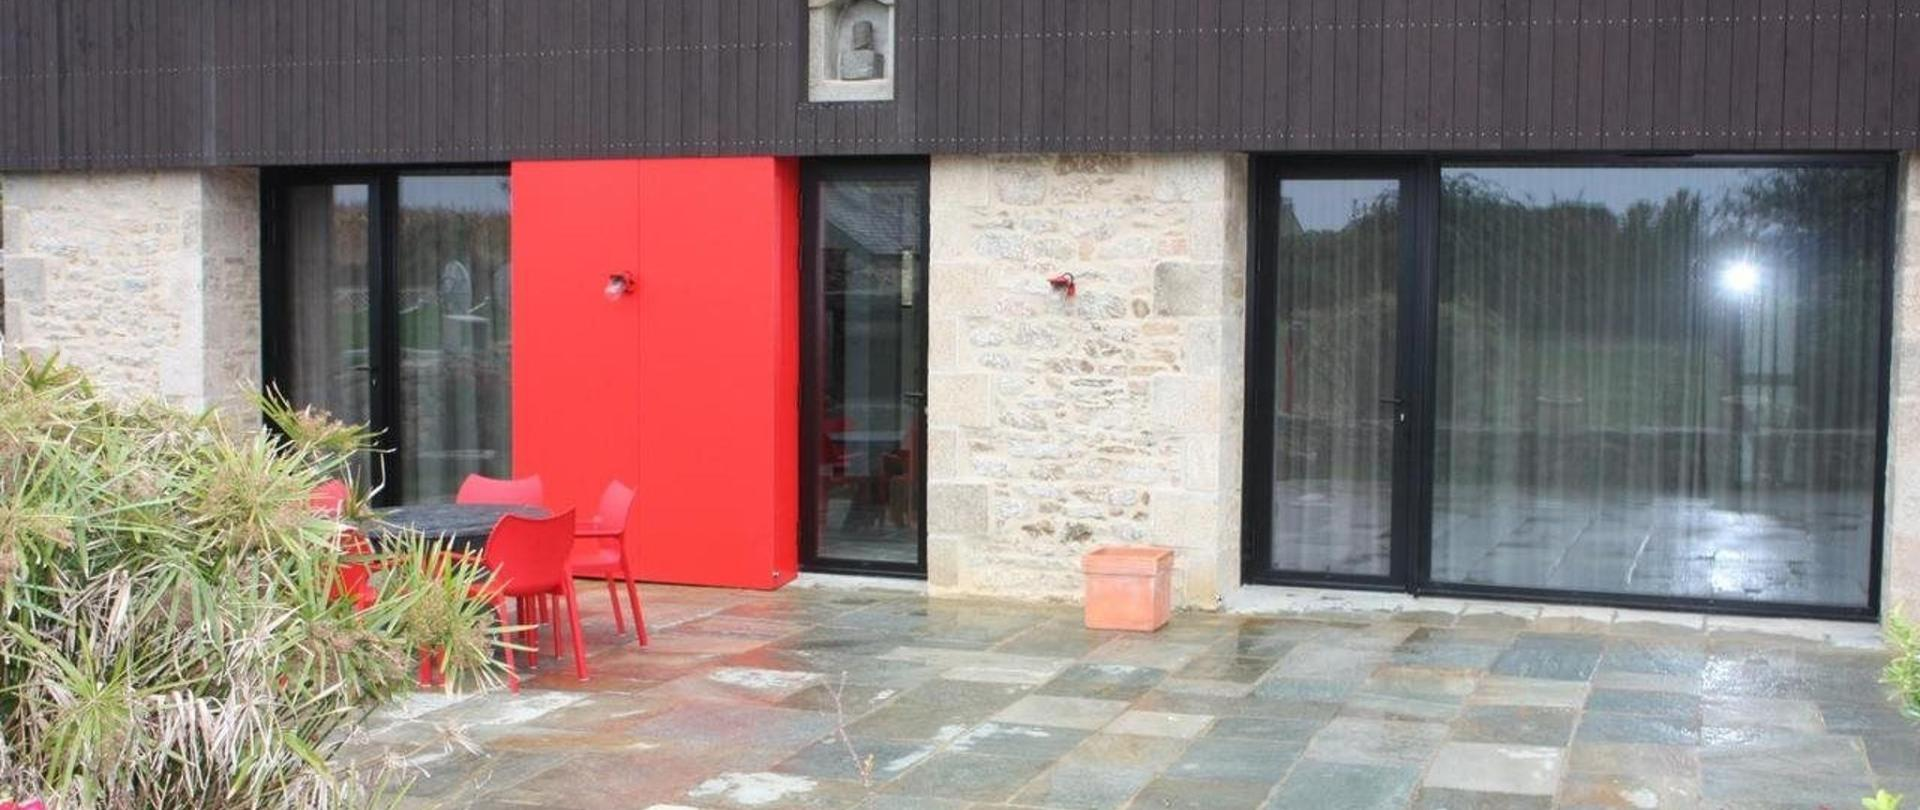 Les Chambres d\'hôtes de Kérasquer - Lannilis - Frankreich